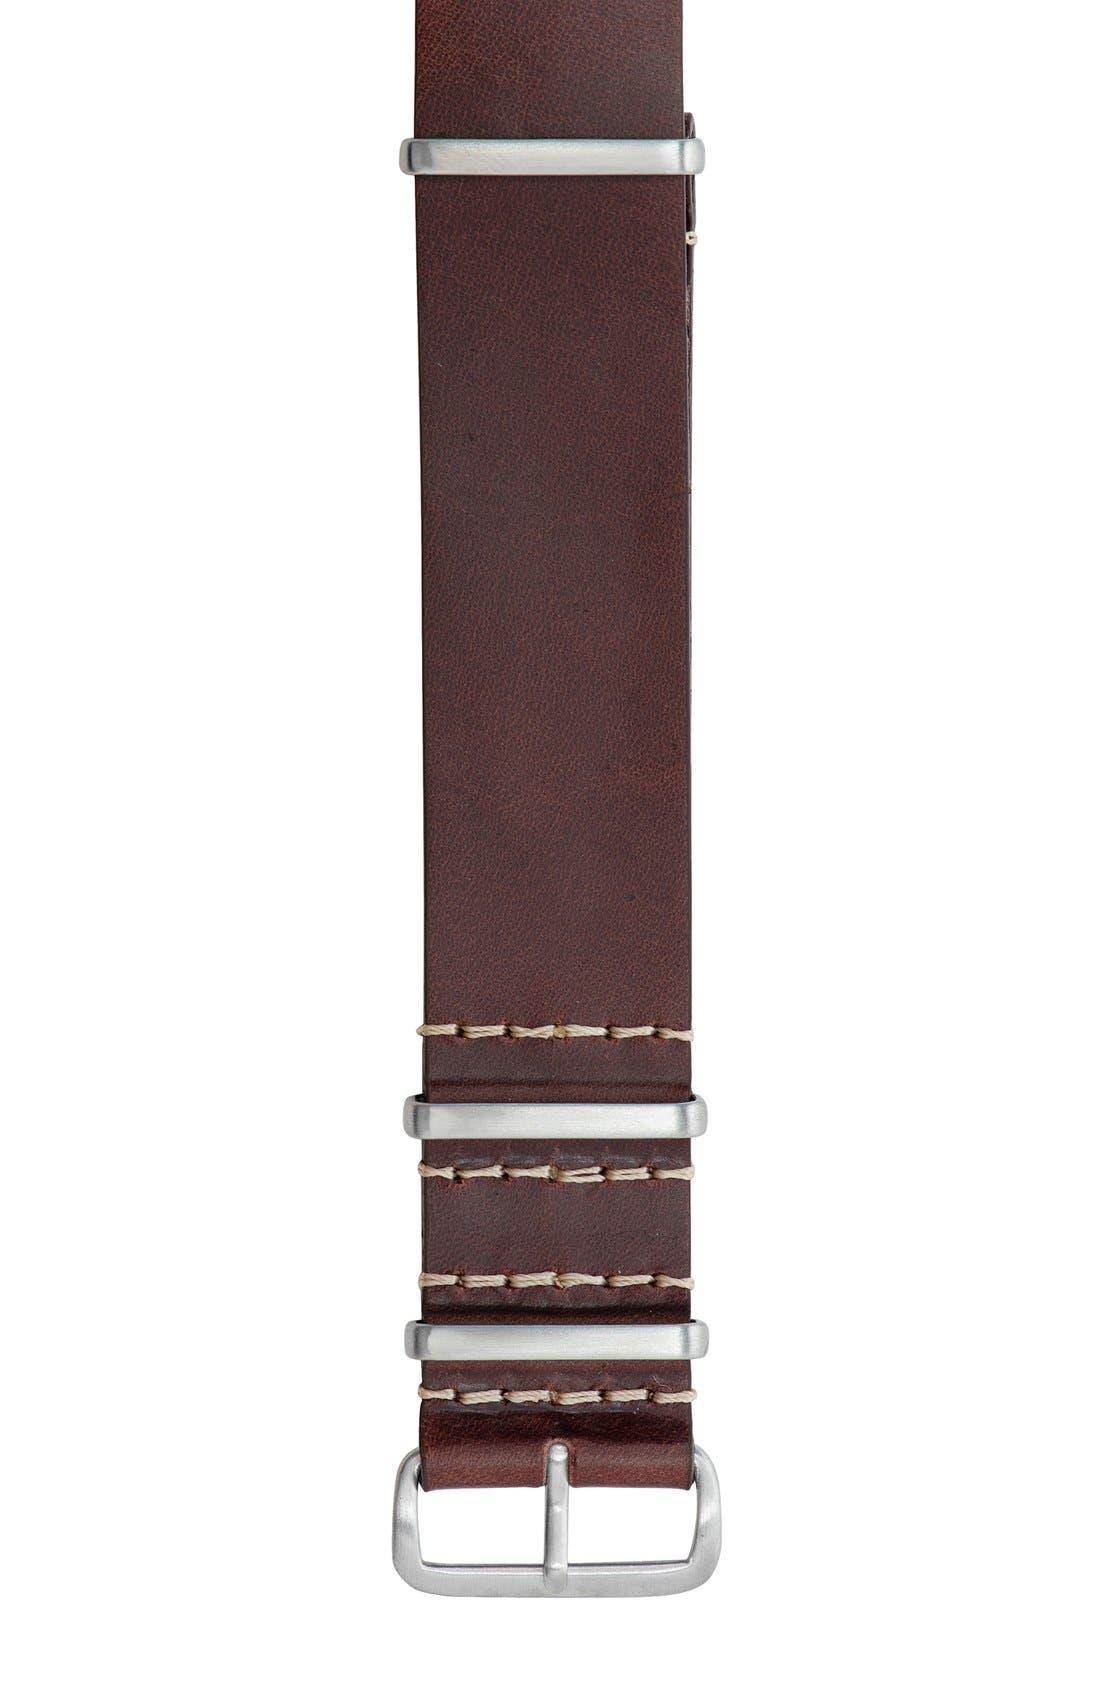 JACK MASON Leather Watch Strap, 22mm